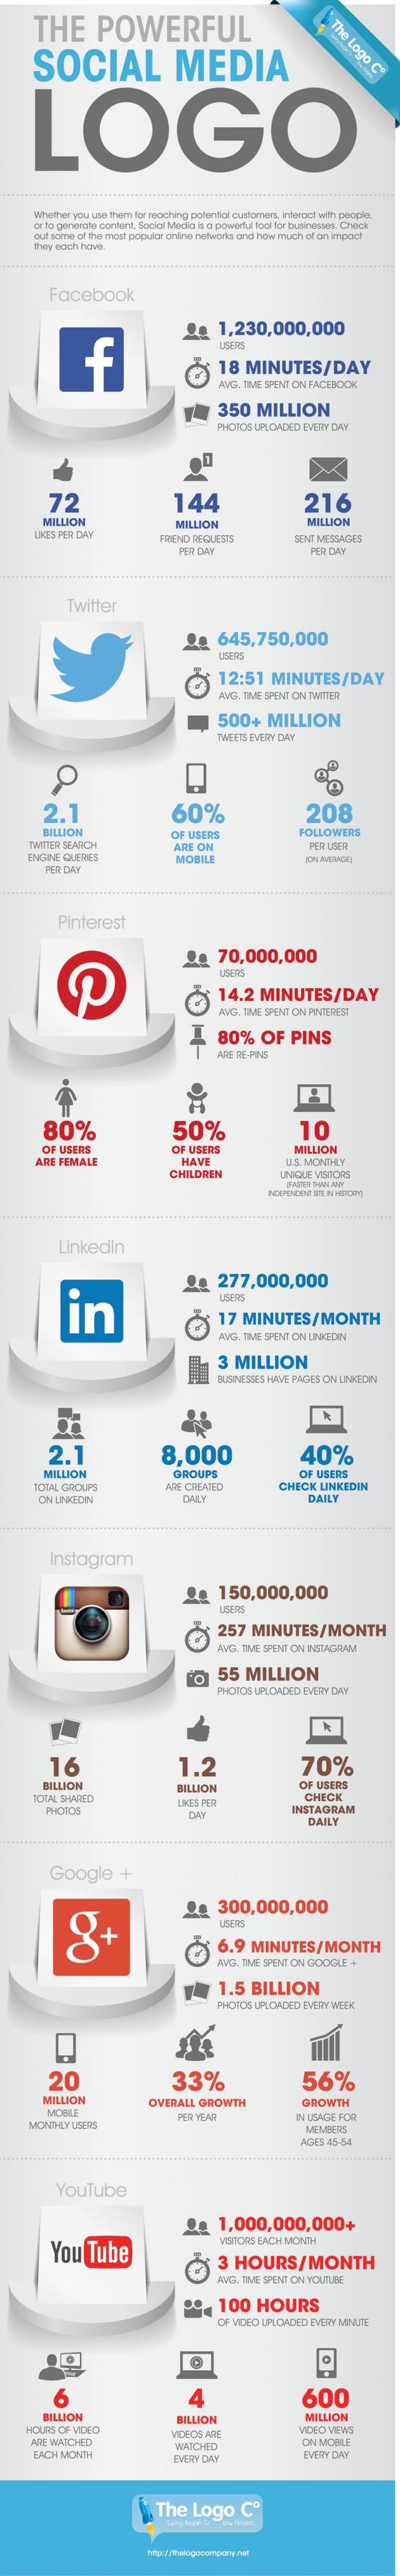 Utilisation des réseaux sociaux